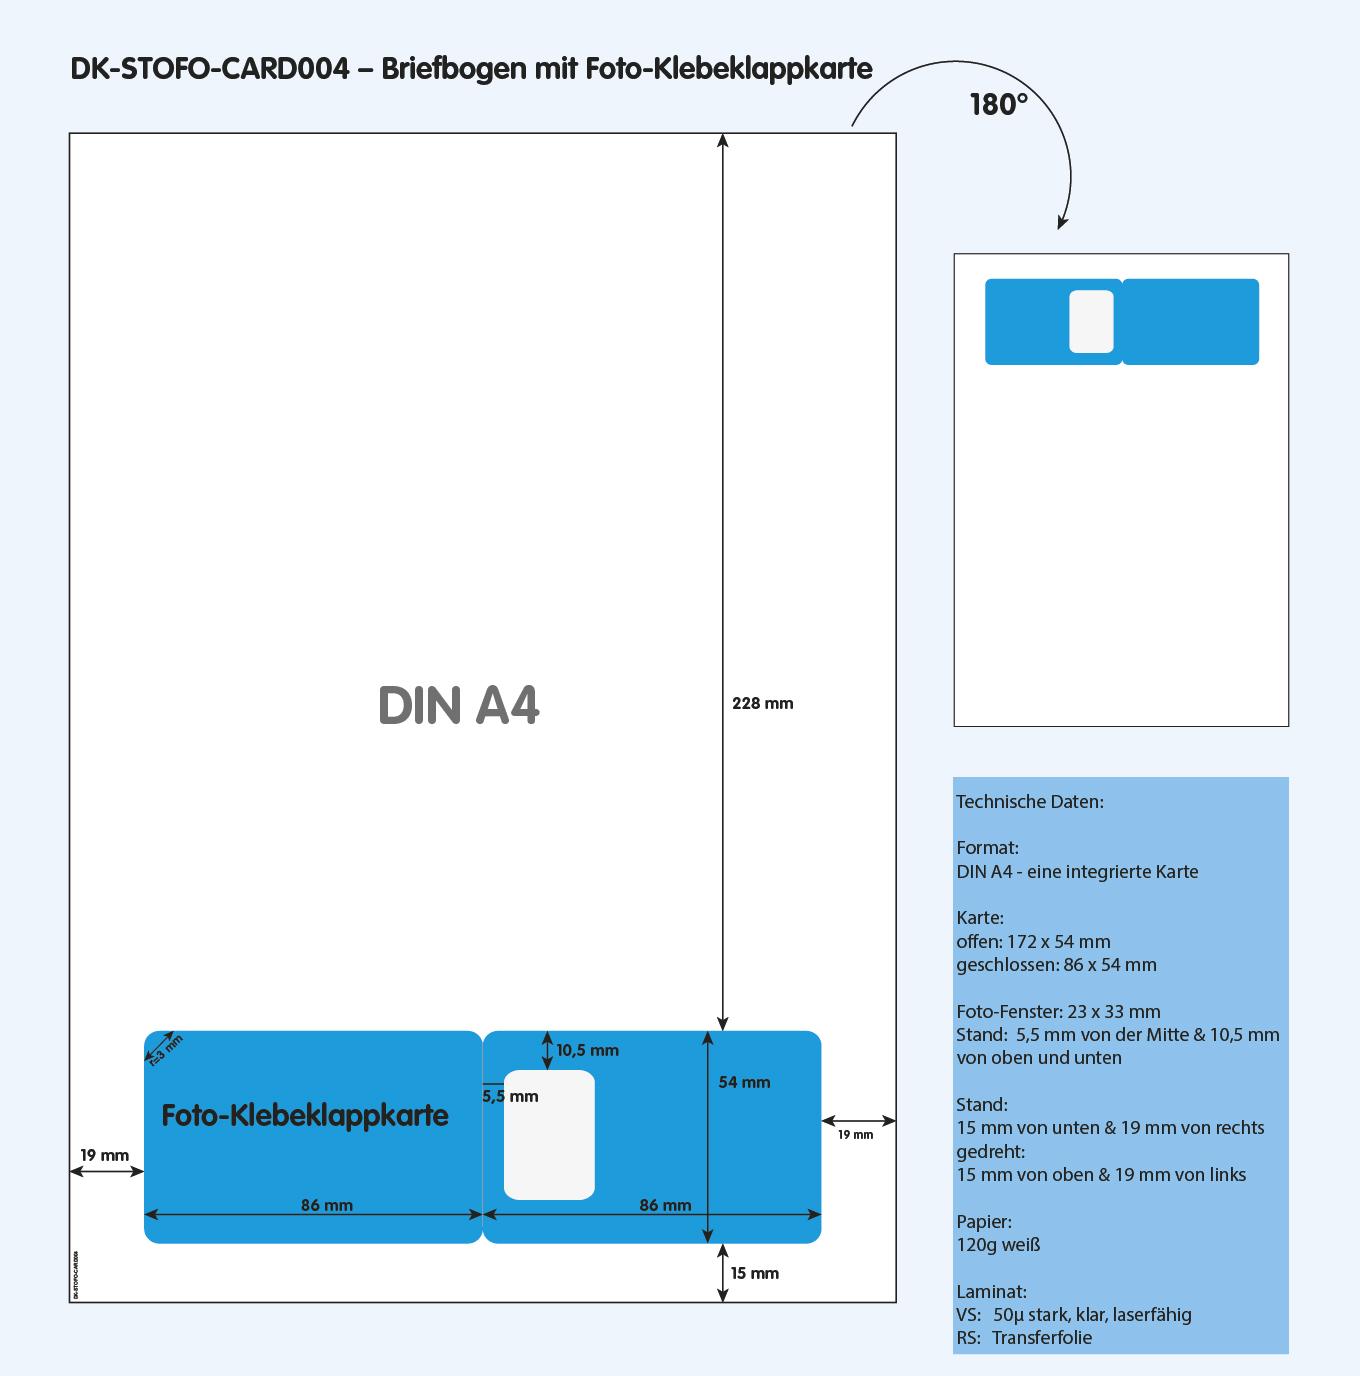 DK-STOFO-CARD004 - technische Zeichnung